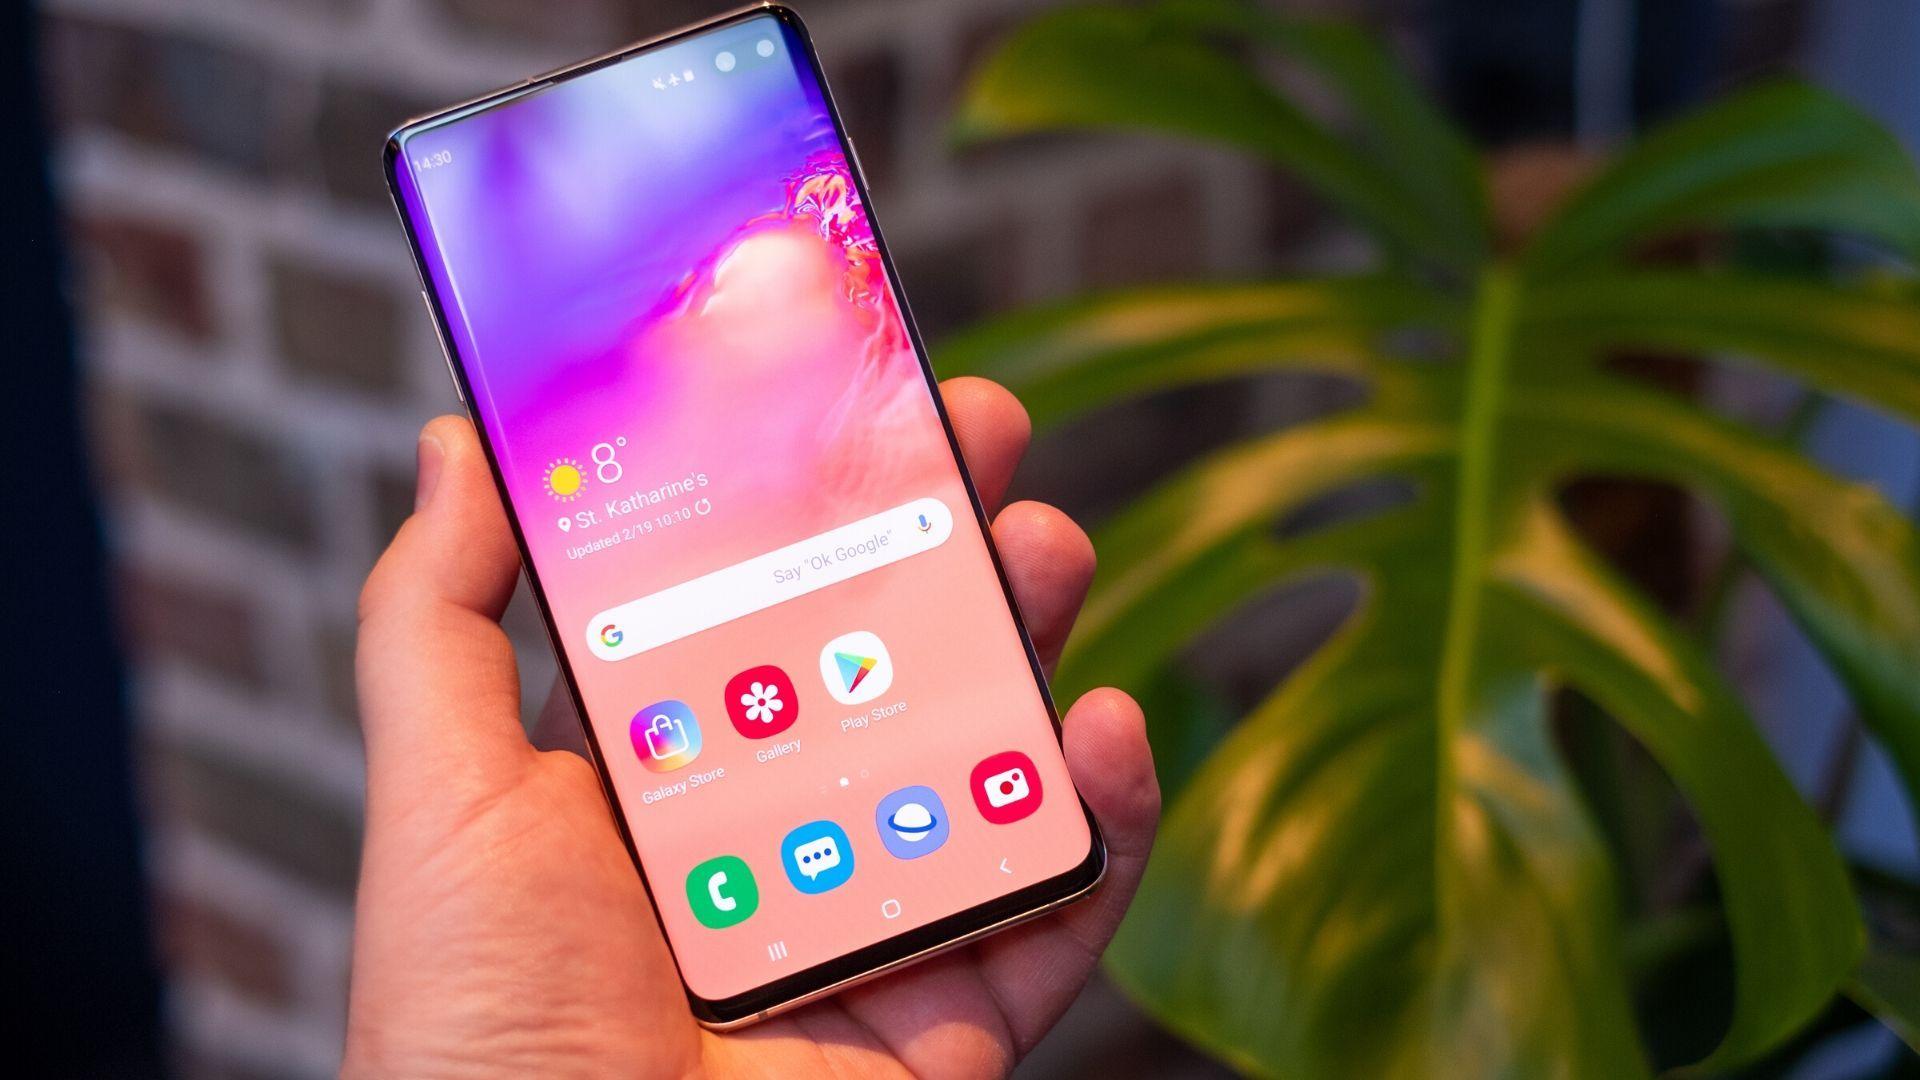 Samsung S10 + é capaz de comandar diversos aparelhos da marca à distância, através do app SmartThings. (Imagem: Reprodução/Shutterstock)